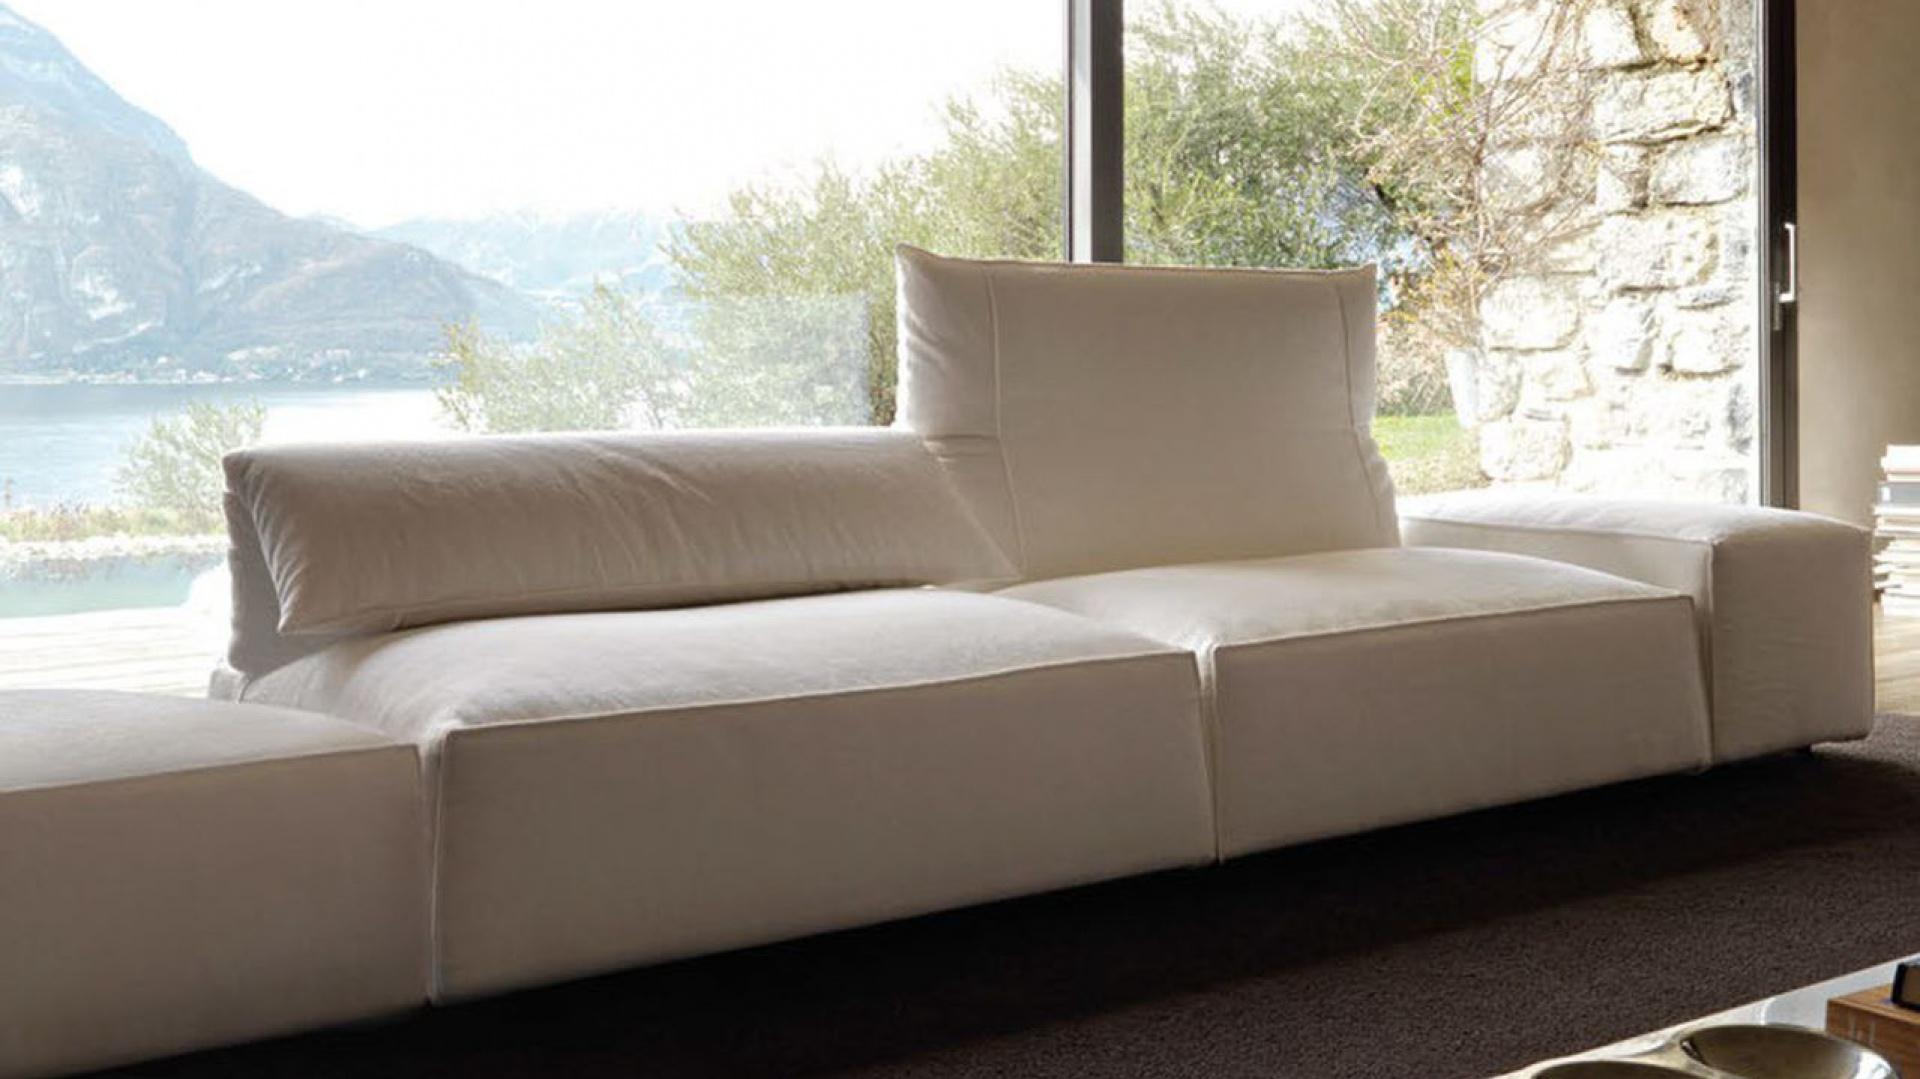 Czarno-biały wystrój najlepiej pasuje do salonu z dużym oknem. Fot. Gruppo Euromobil.